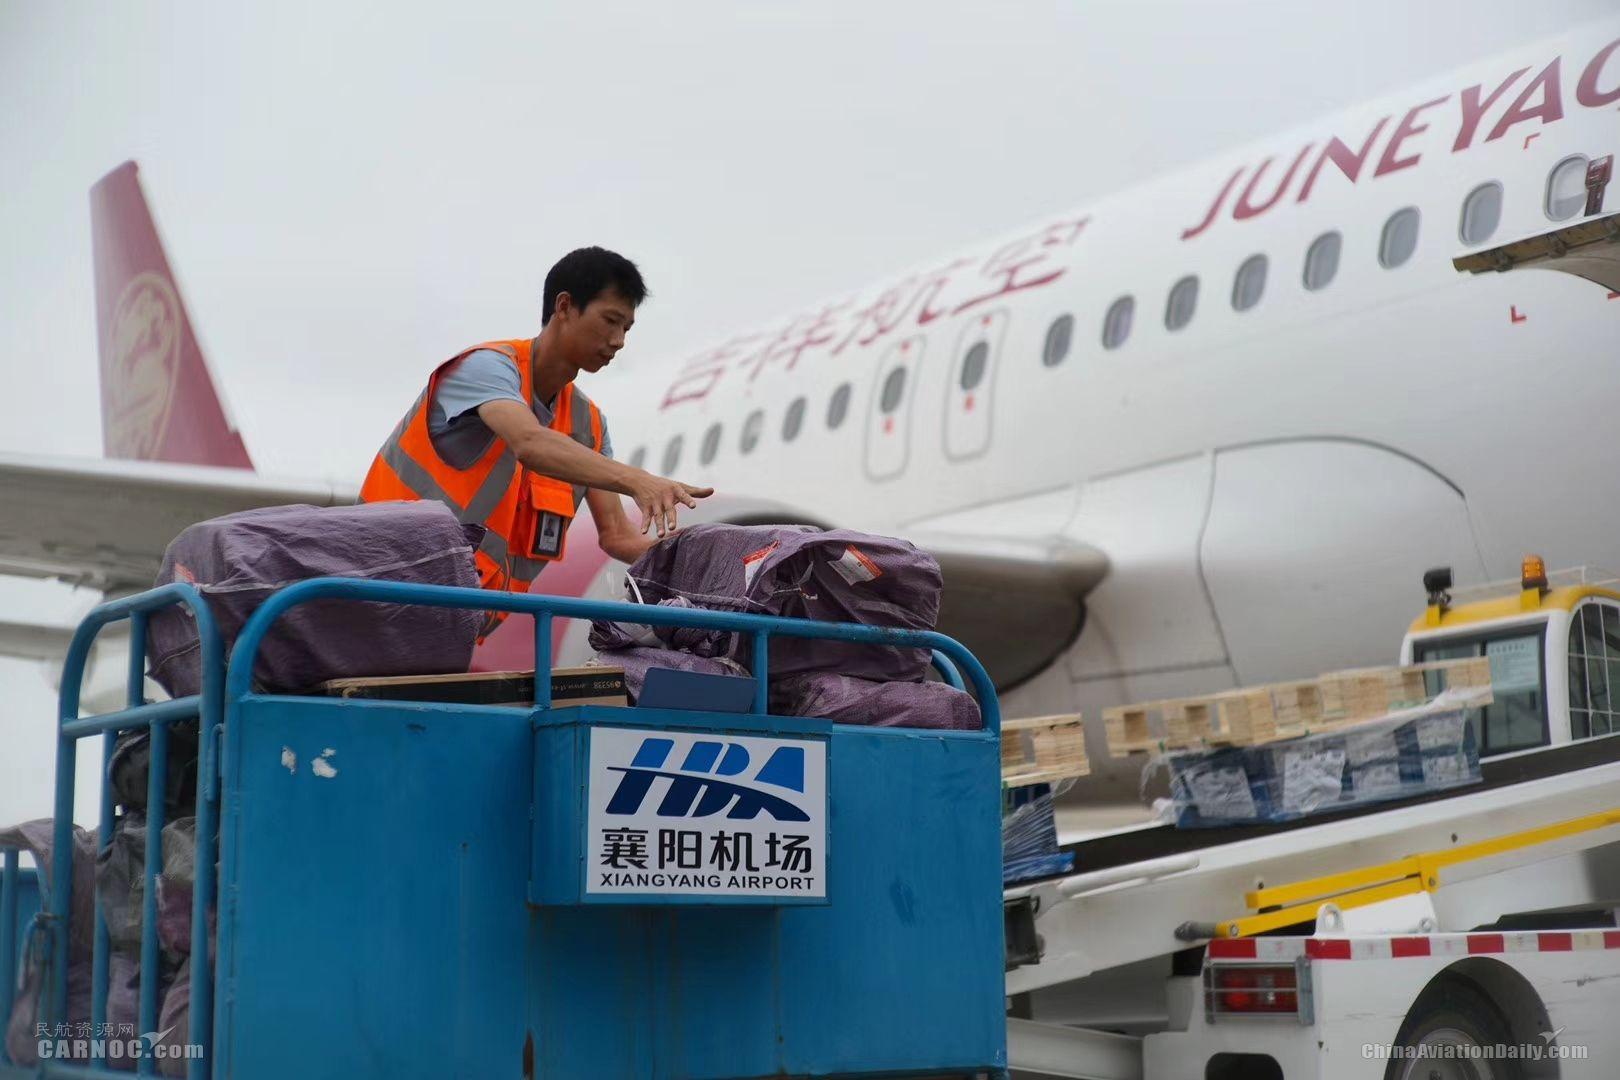 襄阳机场冬春换季 航线更方便、舒适、快捷 襄阳机场供图